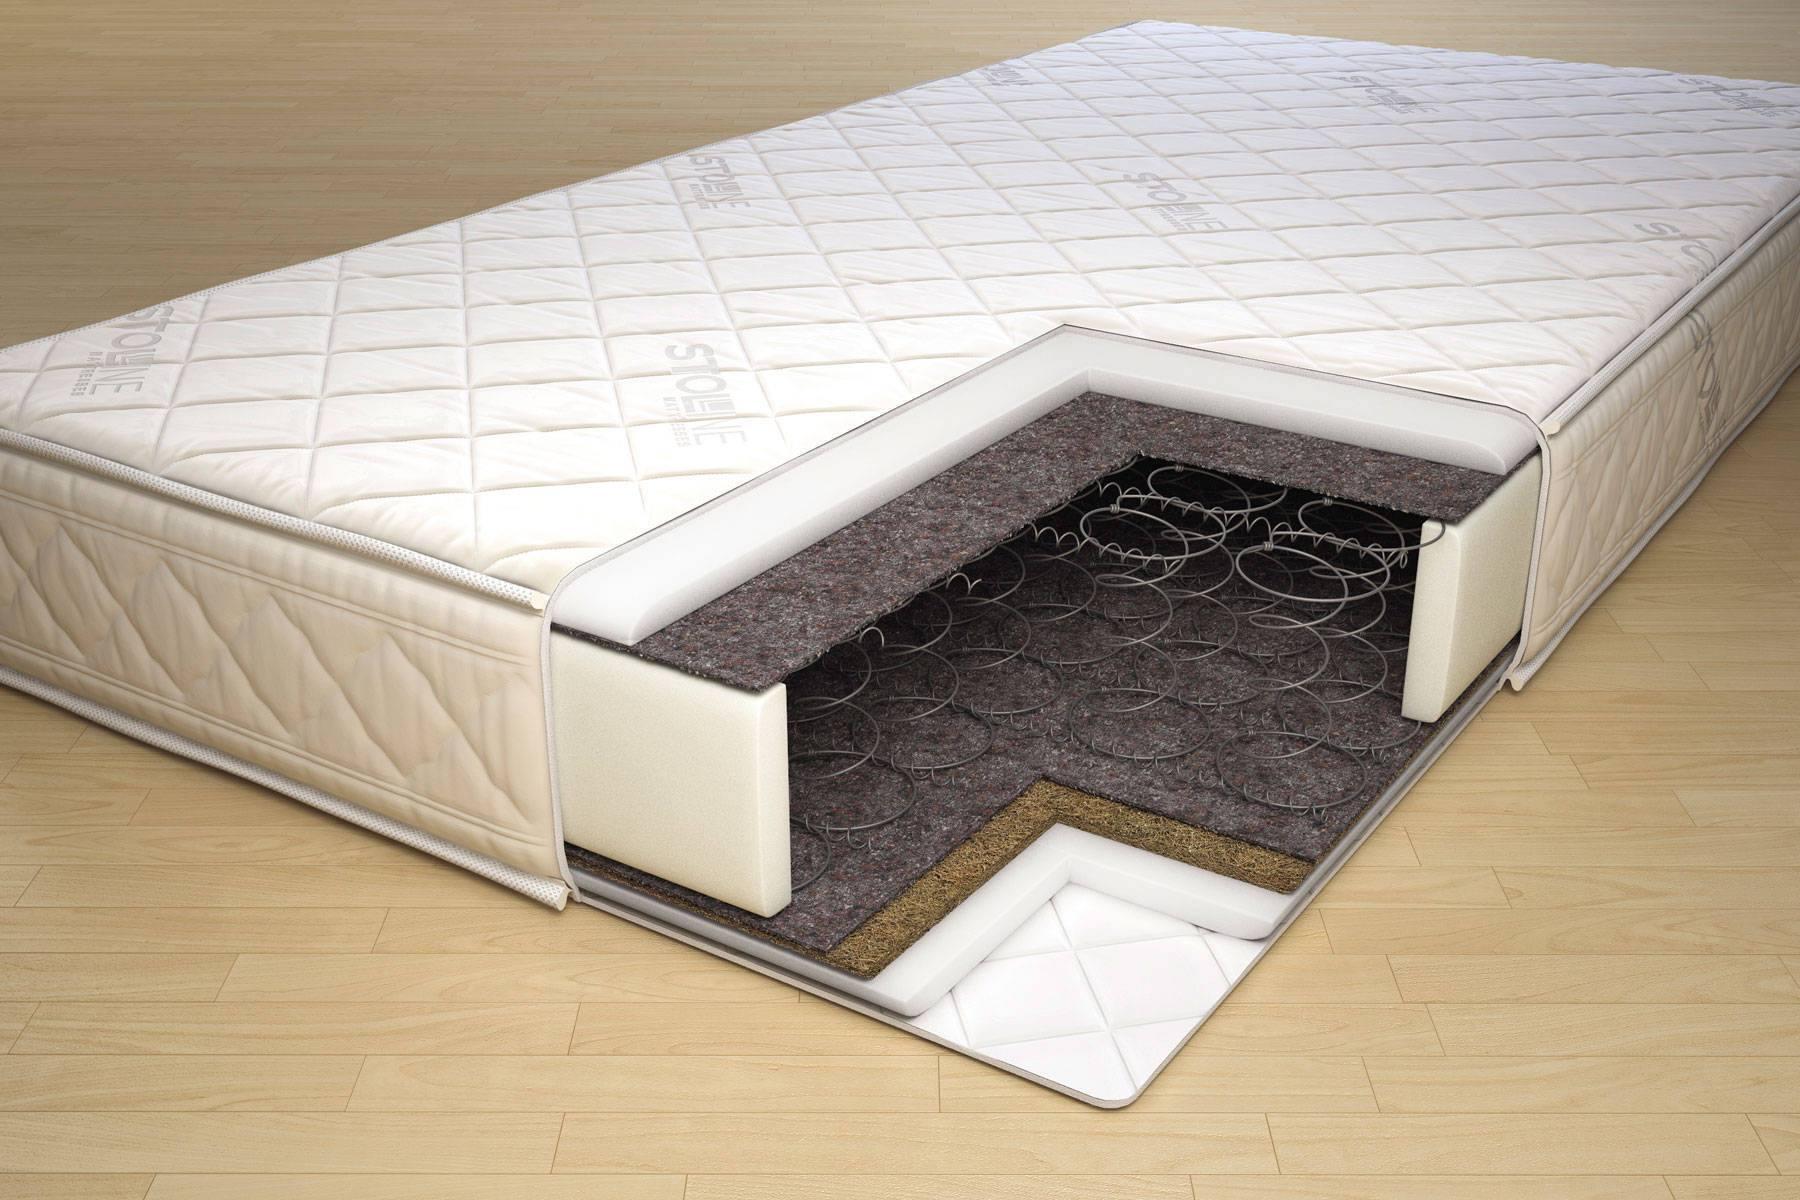 кровати, диваны, столы, стулья и кресла - купить мебель в туапсе на avito